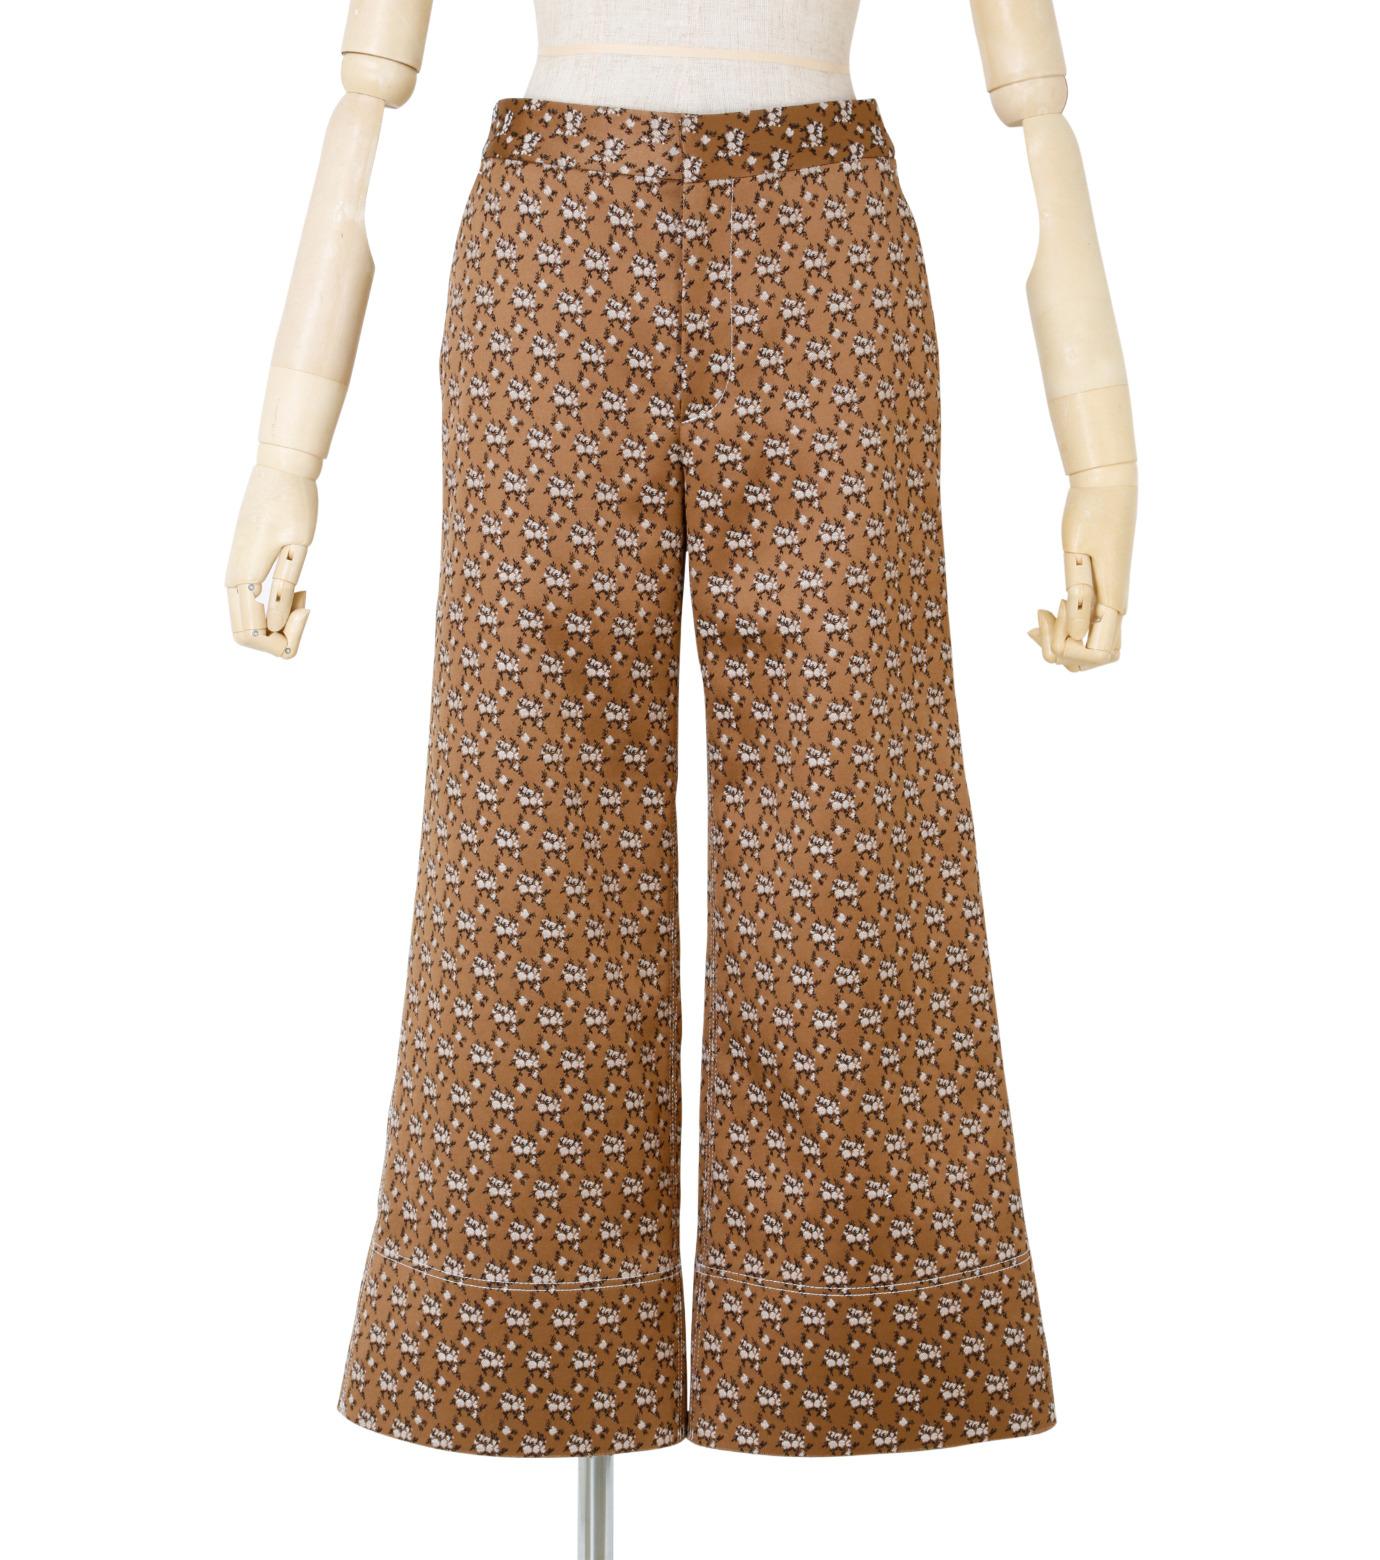 IRENE(アイレネ)のフラワーサテンパンツ-BROWN(パンツ/pants)-19S88001 拡大詳細画像1